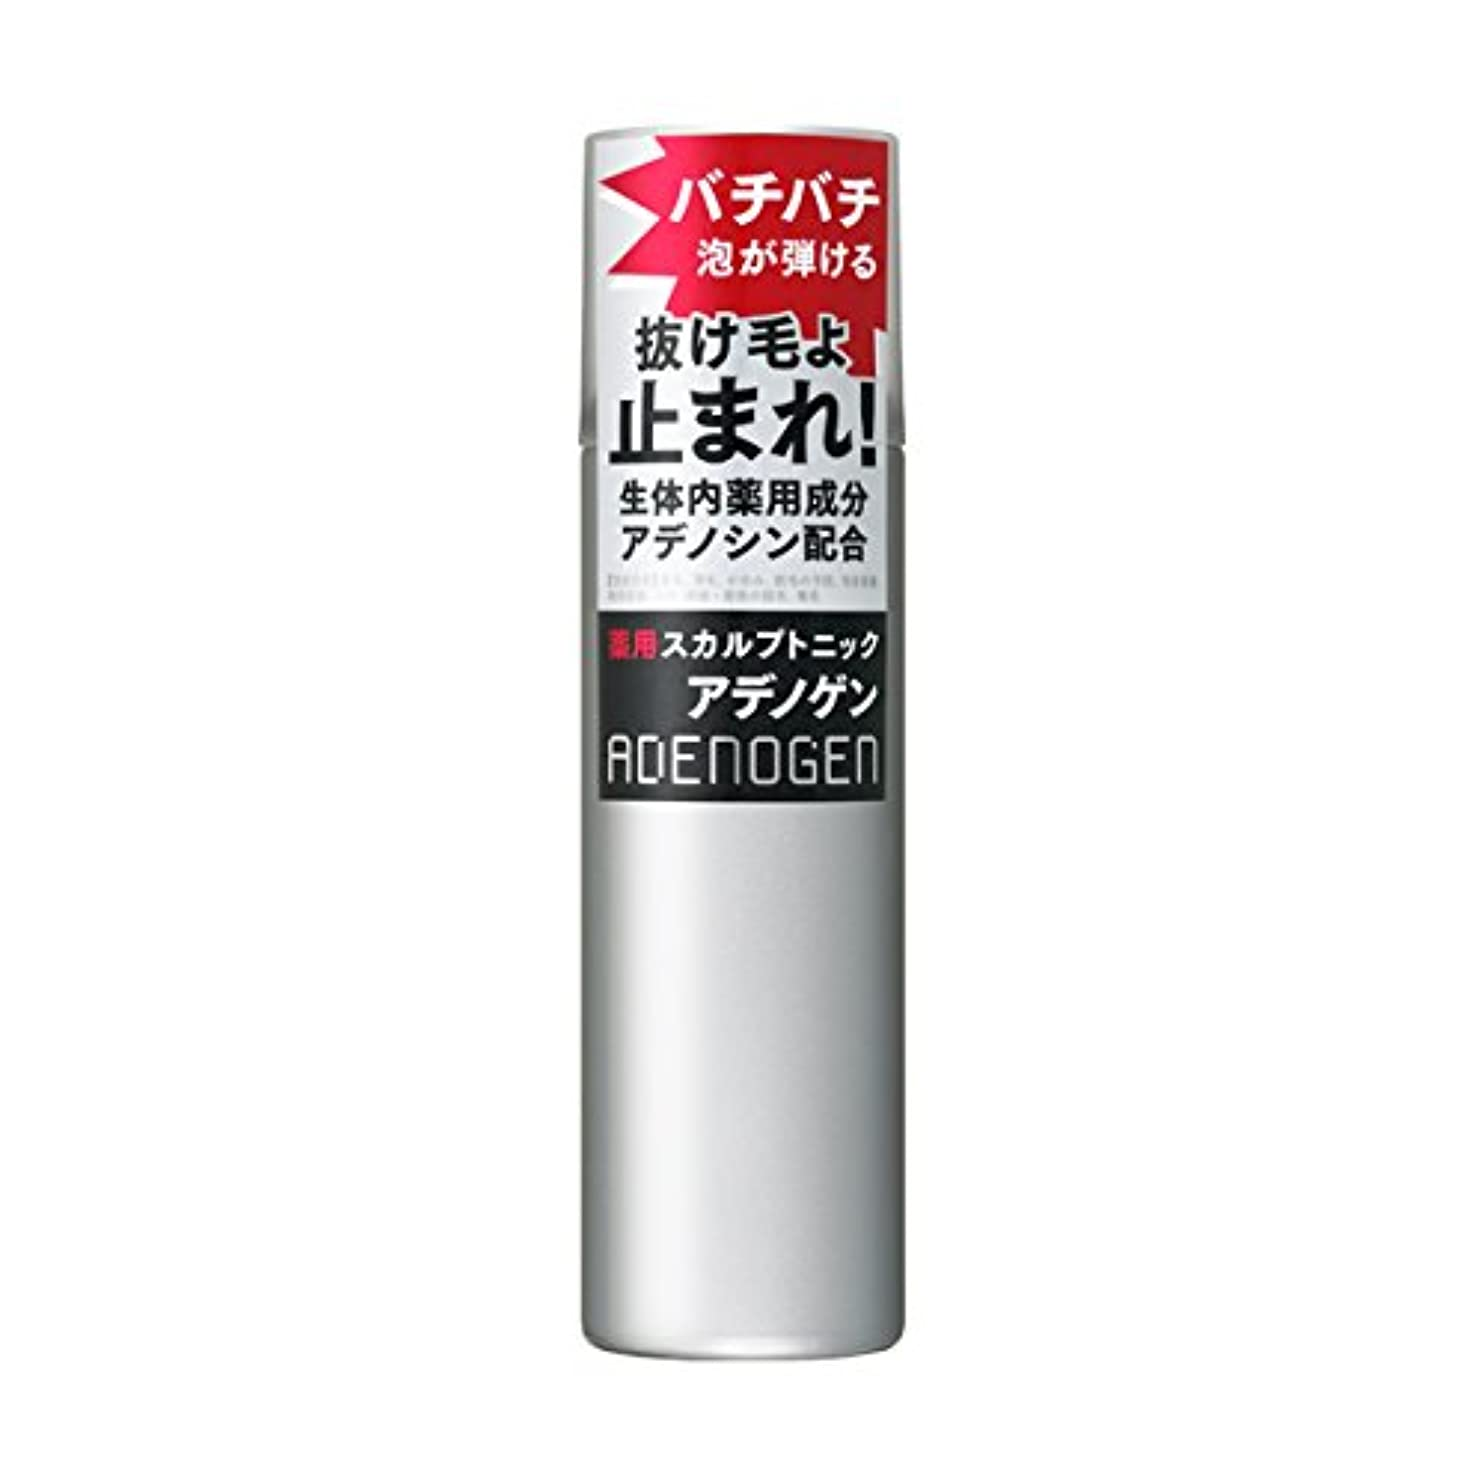 花火ウィンク途方もないアデノゲン 薬用スカルプトニック 130g 【医薬部外品】